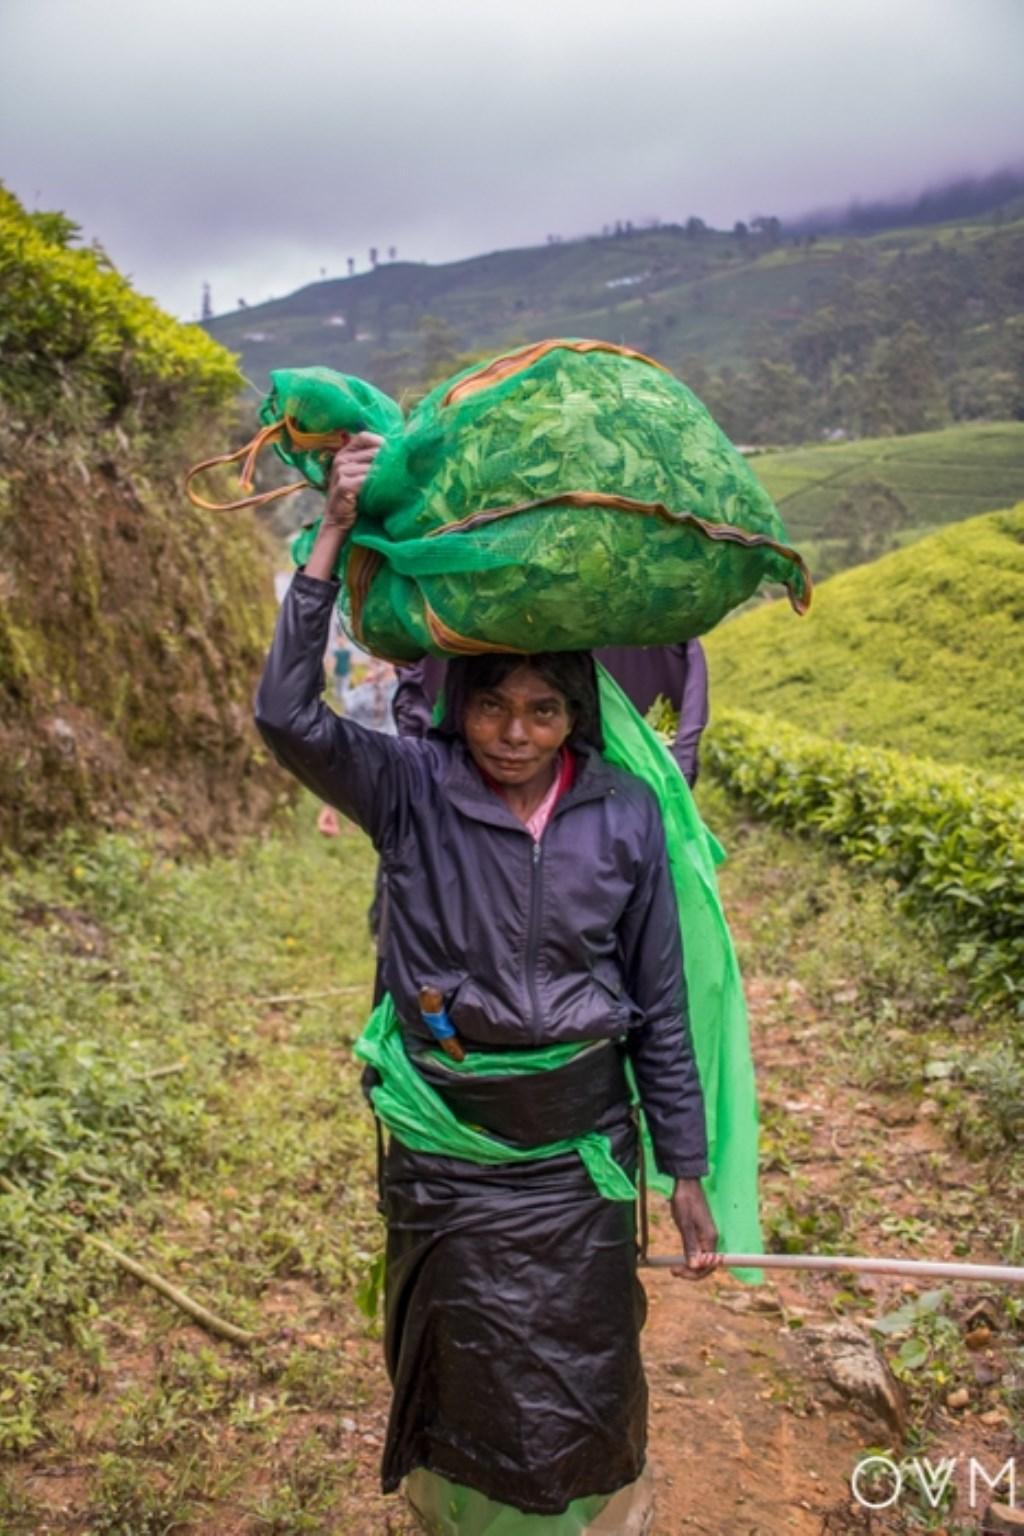 Een theeplukster op de Edinburgh theeplantage. Dit is een van de grootste theeplantages van Sri Lanka. De thee die er geplukt wordt heet Ceylon. Odette van Drunen © BDU Media